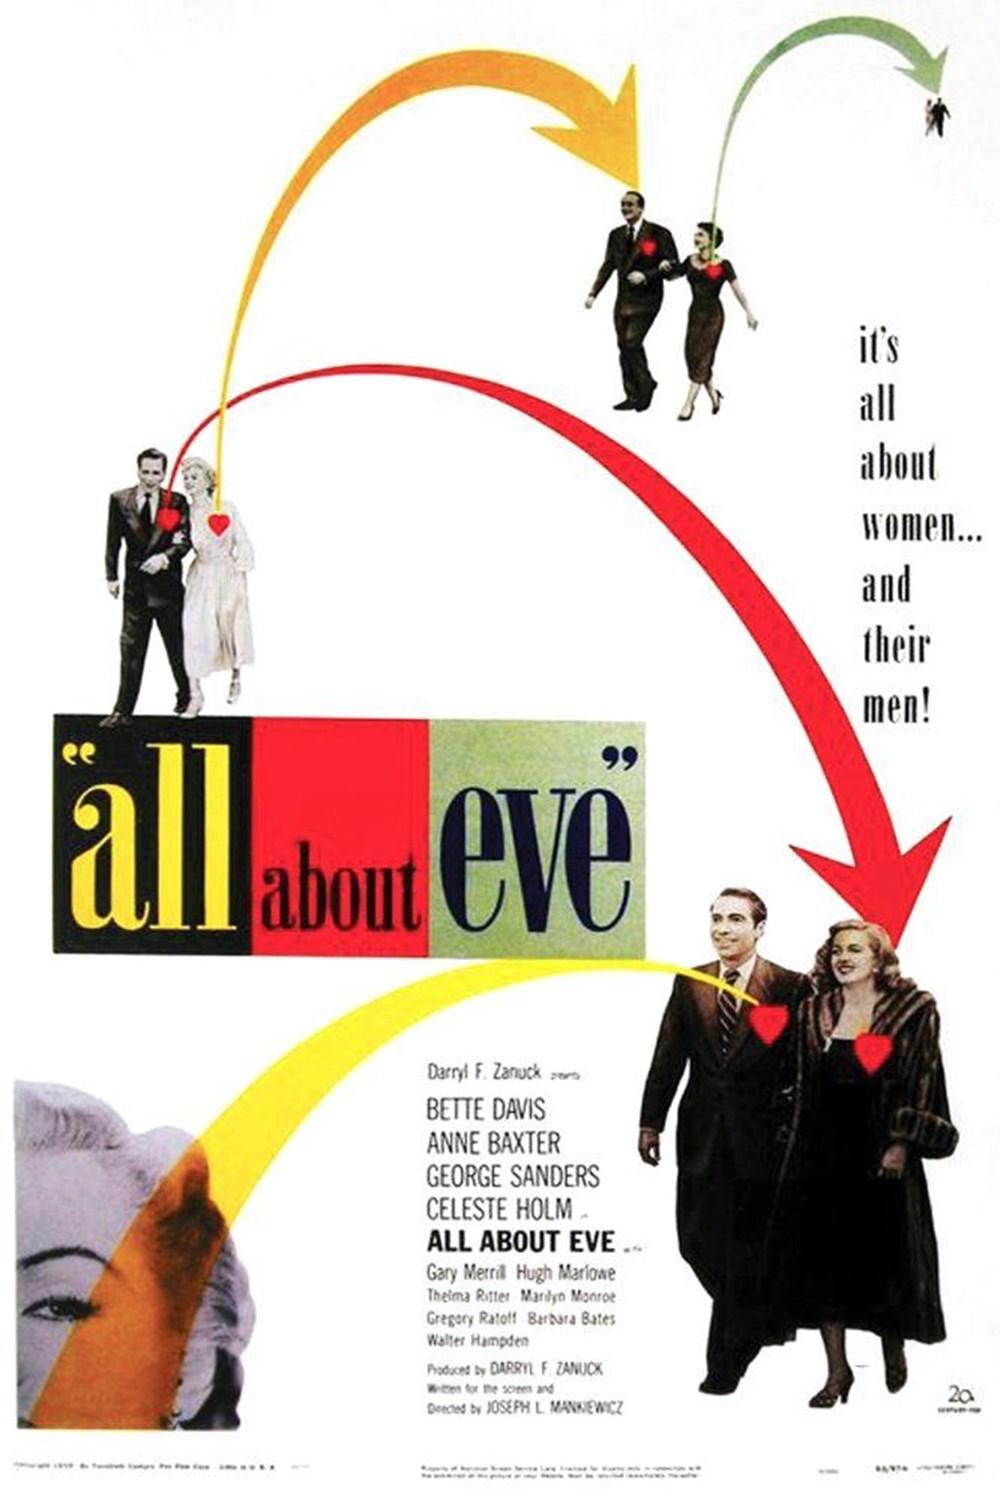 93. Oscar Ödülleri sonrası bugüne kadar ödül alan en iyi filmler - 24